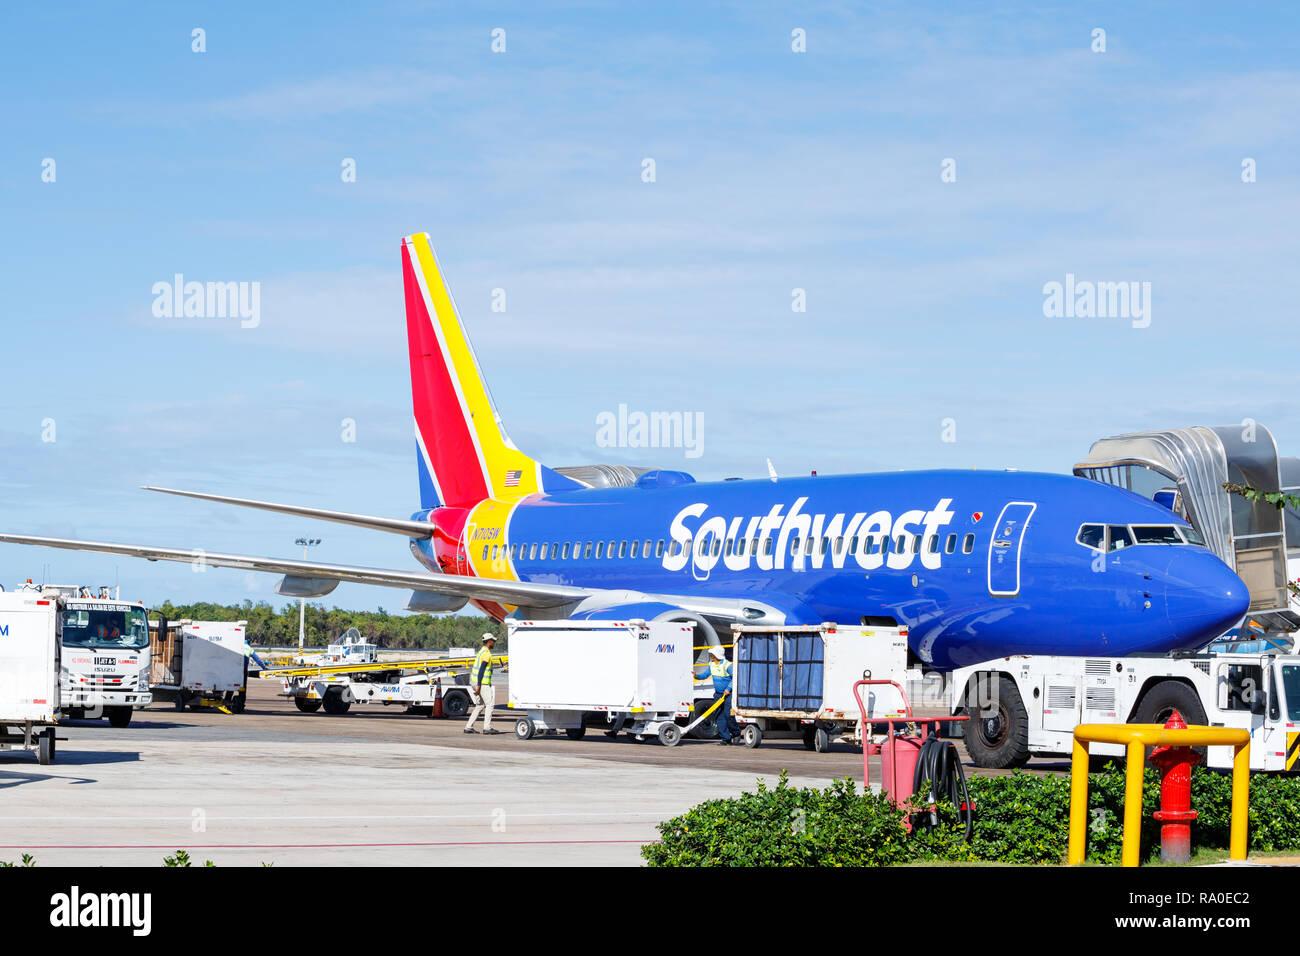 Punta Cana, République dominicaine - 24 décembre 2018: un jet de passagers sud-ouest à l'Aéroport International de Punta Cana sur le tarmac en attente de cargo Photo Stock